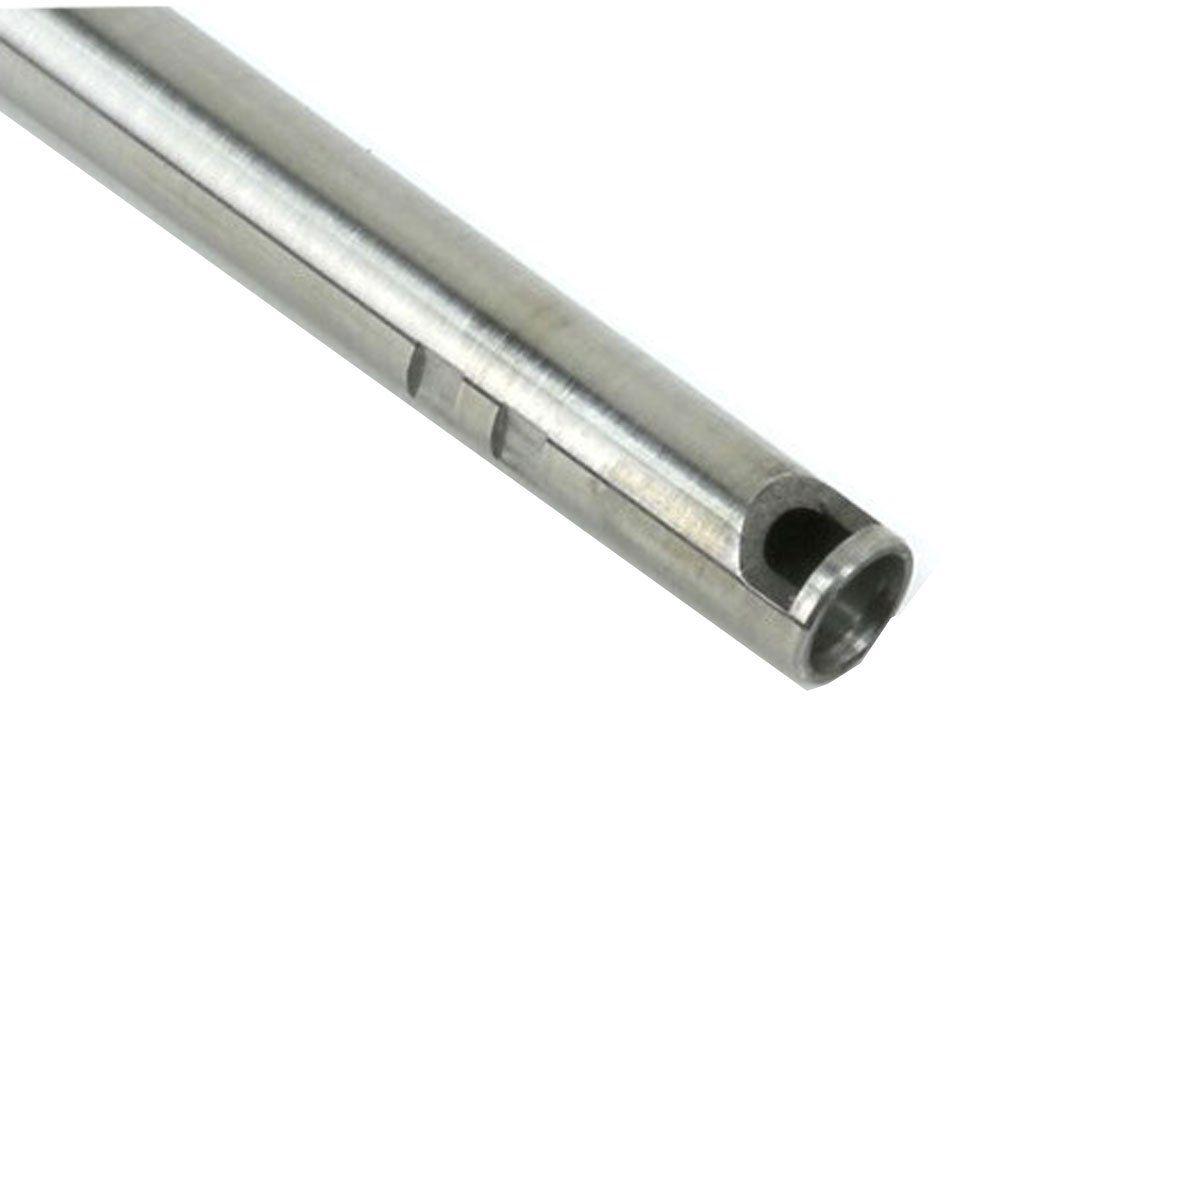 Cano de Precisão em Aço Inox 400mm 6.03mm SHS